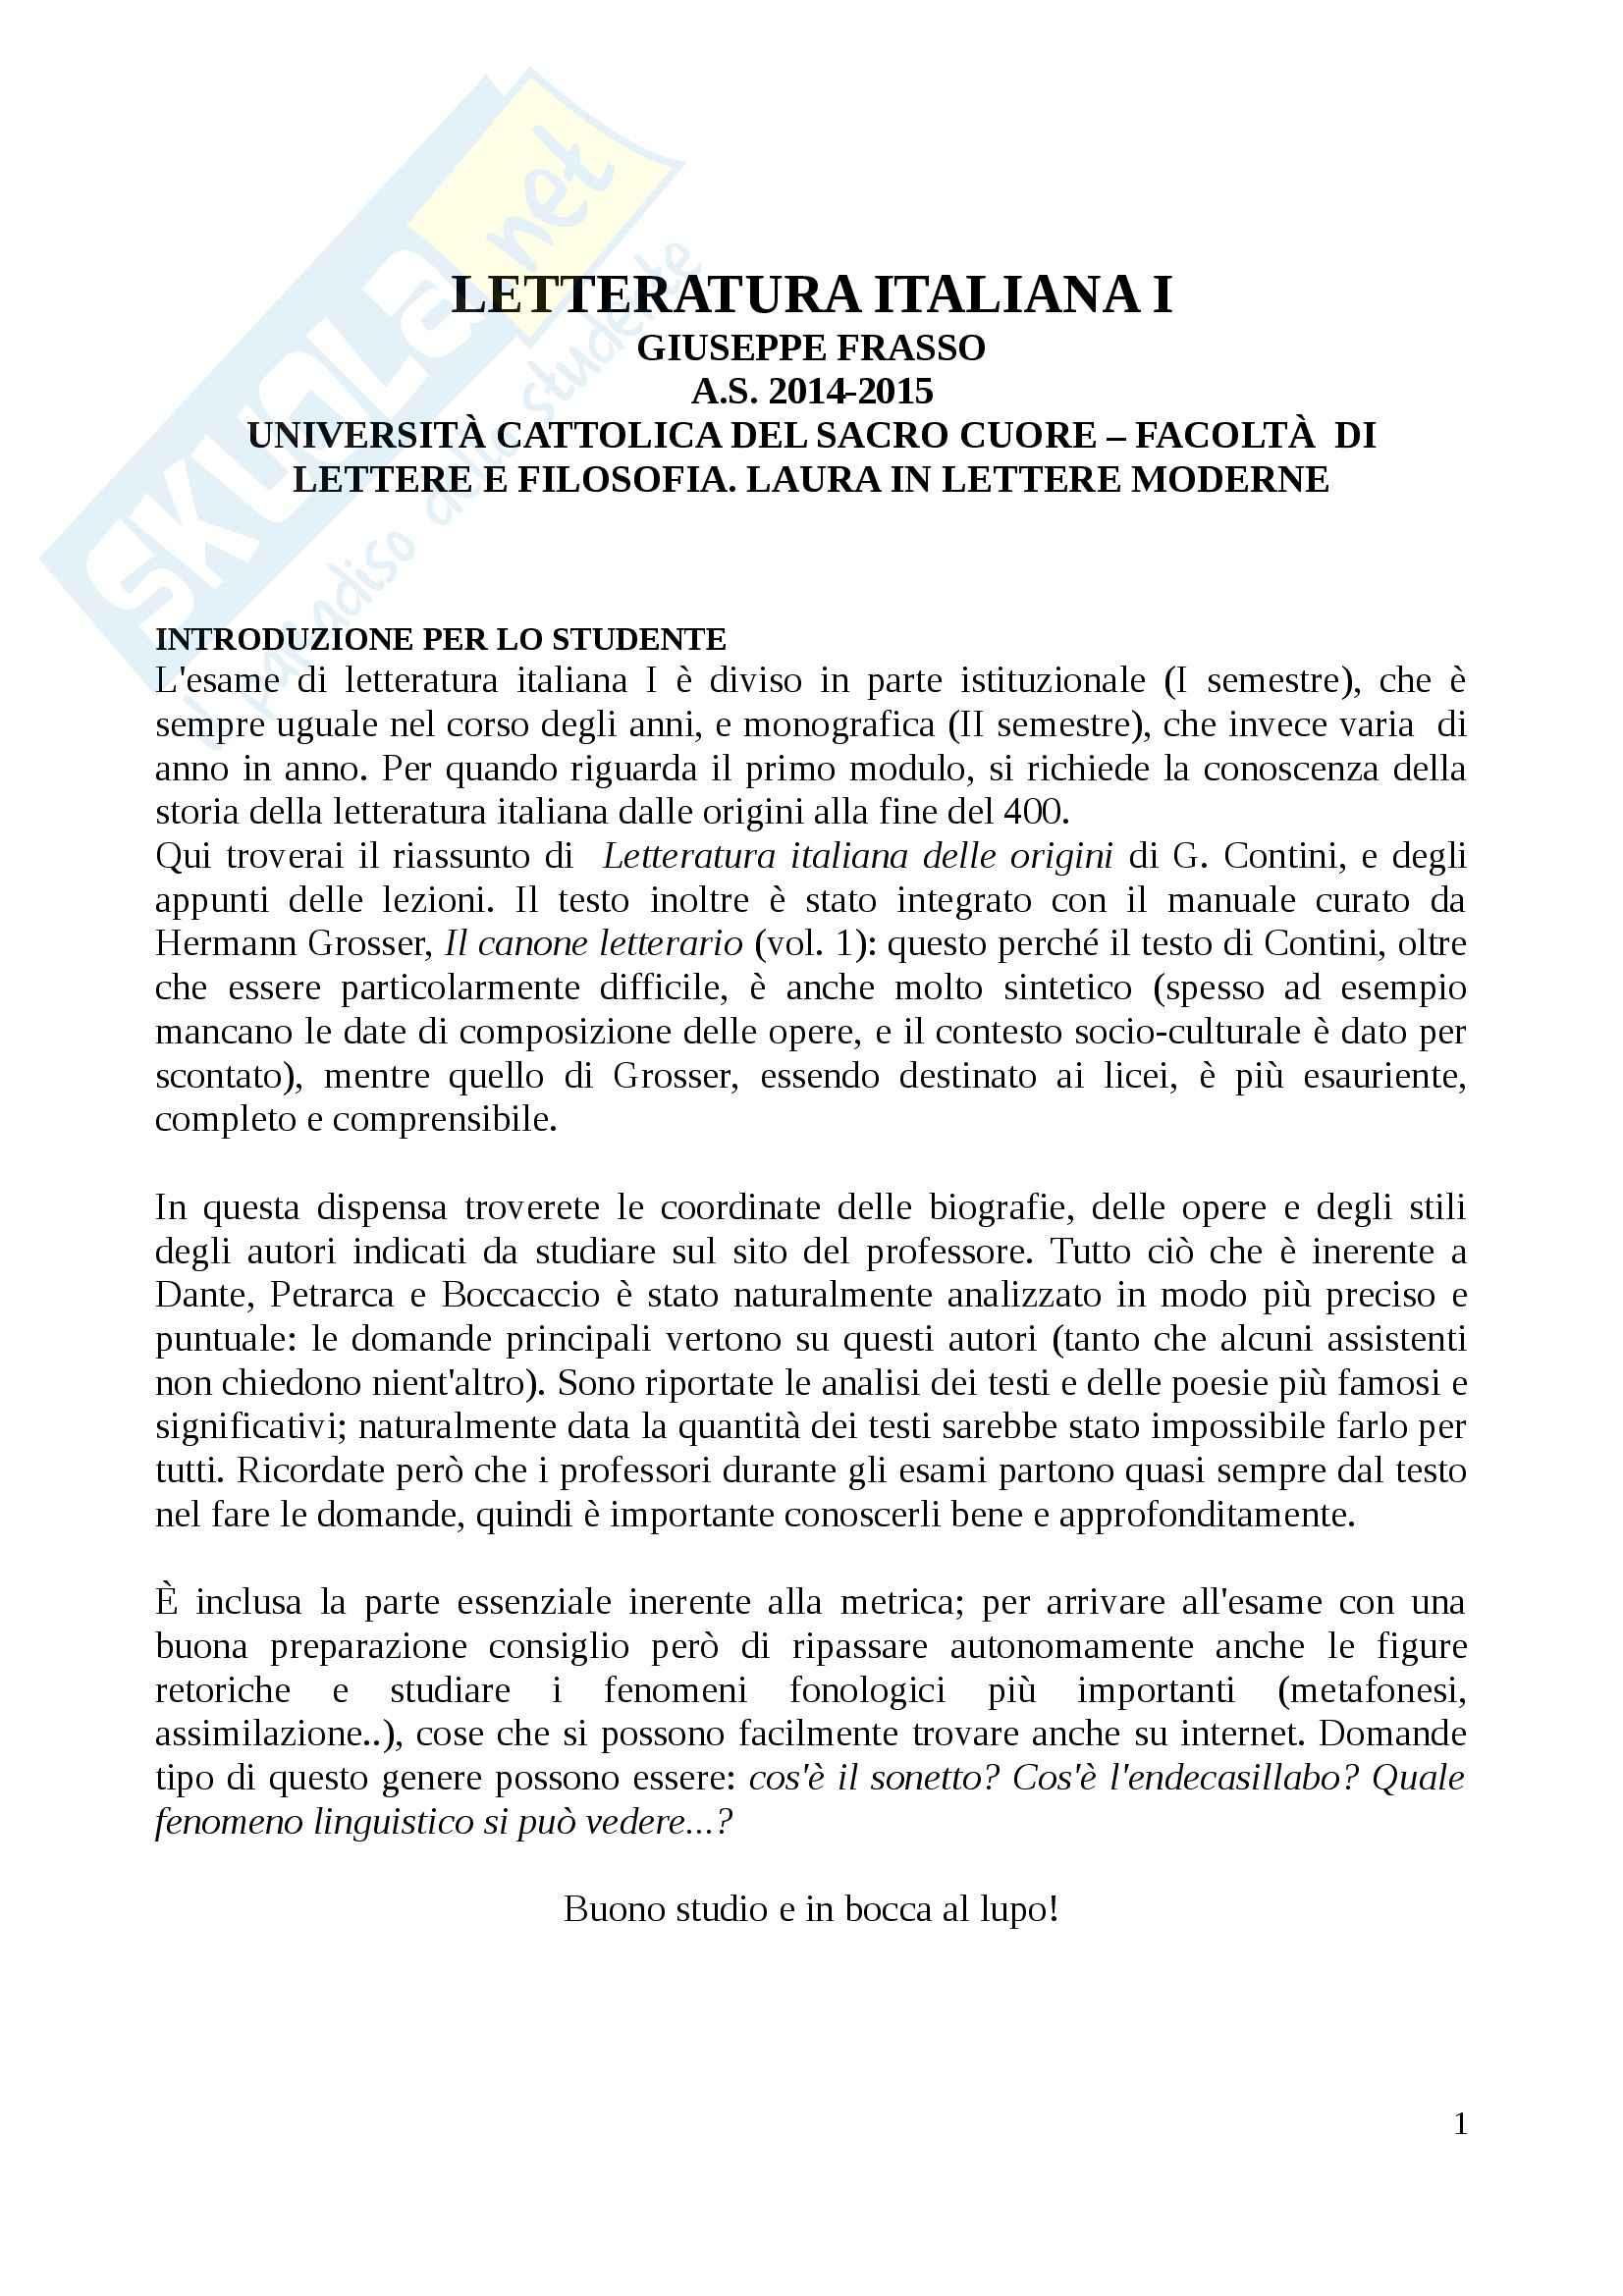 Riassunto esame Letteratura italiana I, prof. Frasso, libro consigliato Letteratura italiana delle origini, Contini